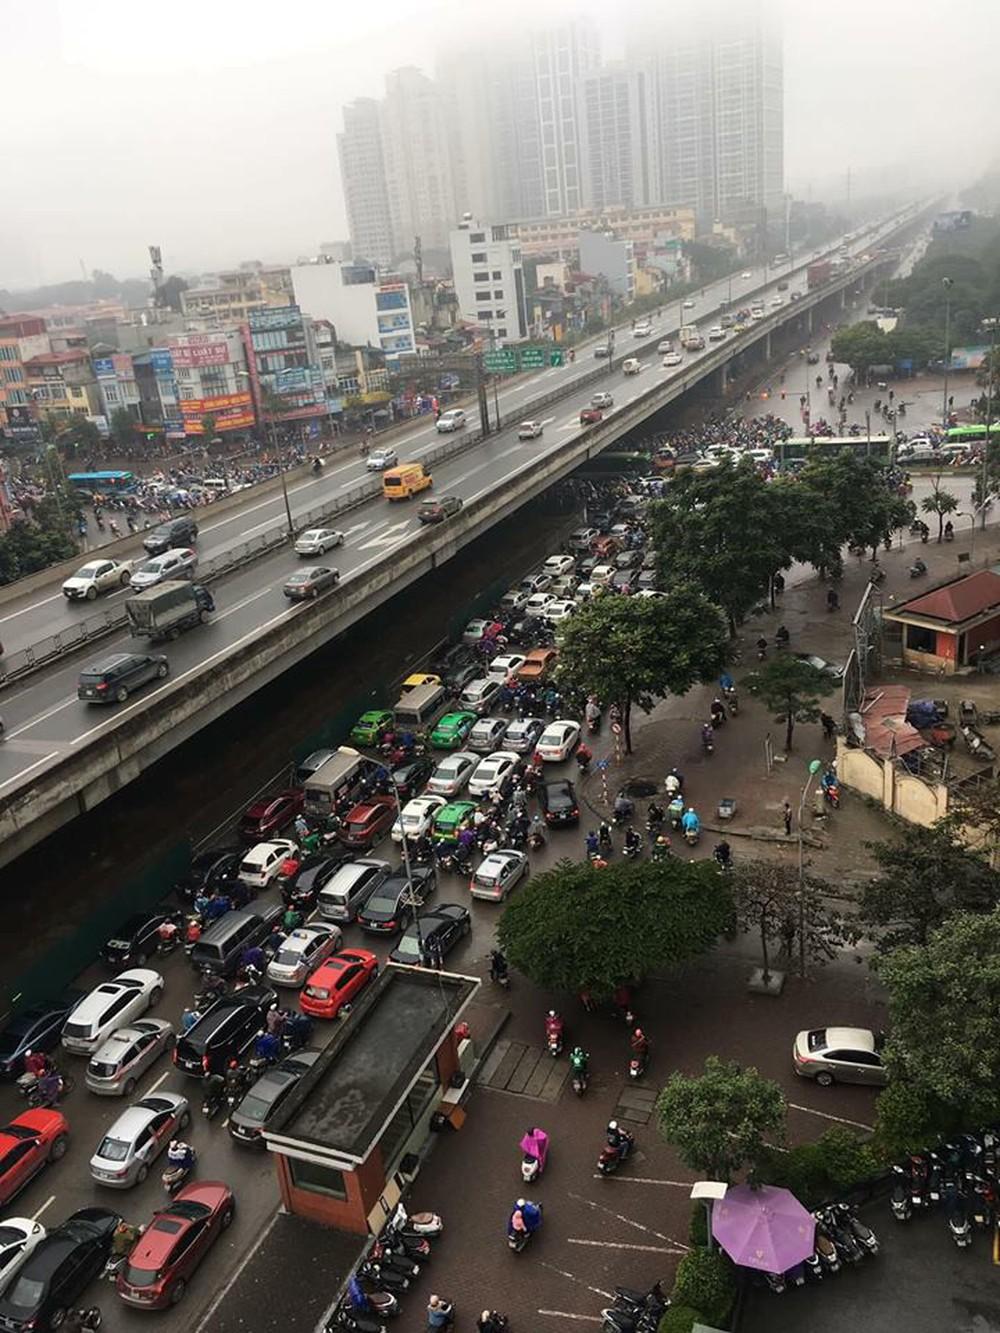 Tắc đường kinh hoàng ở Hà Nội sáng nay: Qua 20 cái đèn xanh rồi mà vẫn không thể di chuyển - Ảnh 7.